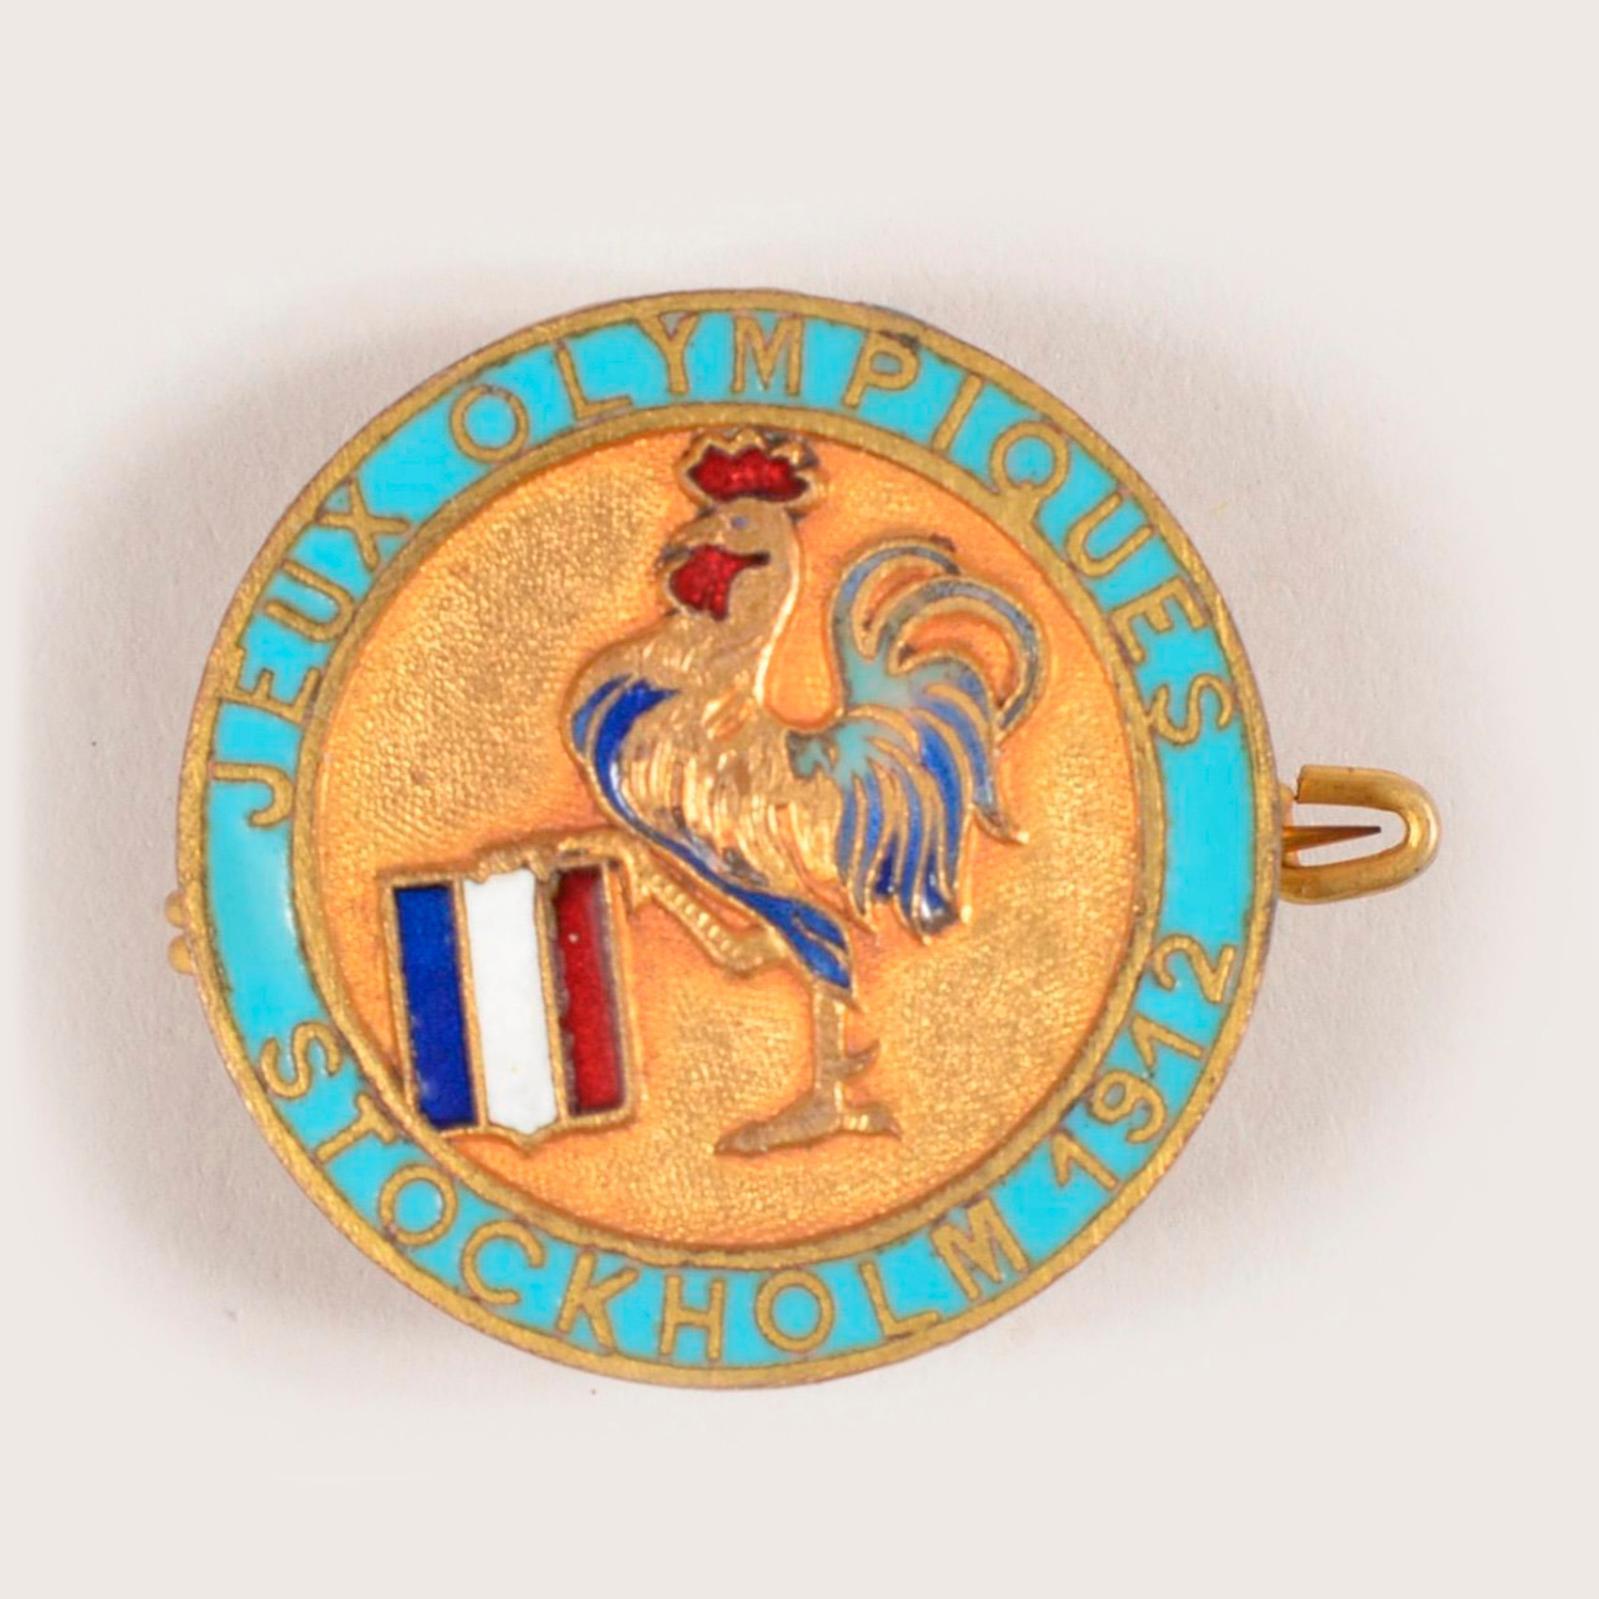 445€ Badge officiel de l'équipede France pour les Jeuxde Stockholm en 1912,doré et émaillé, diam.28mm.Drouot, 24mai 2019.Lynda Trou